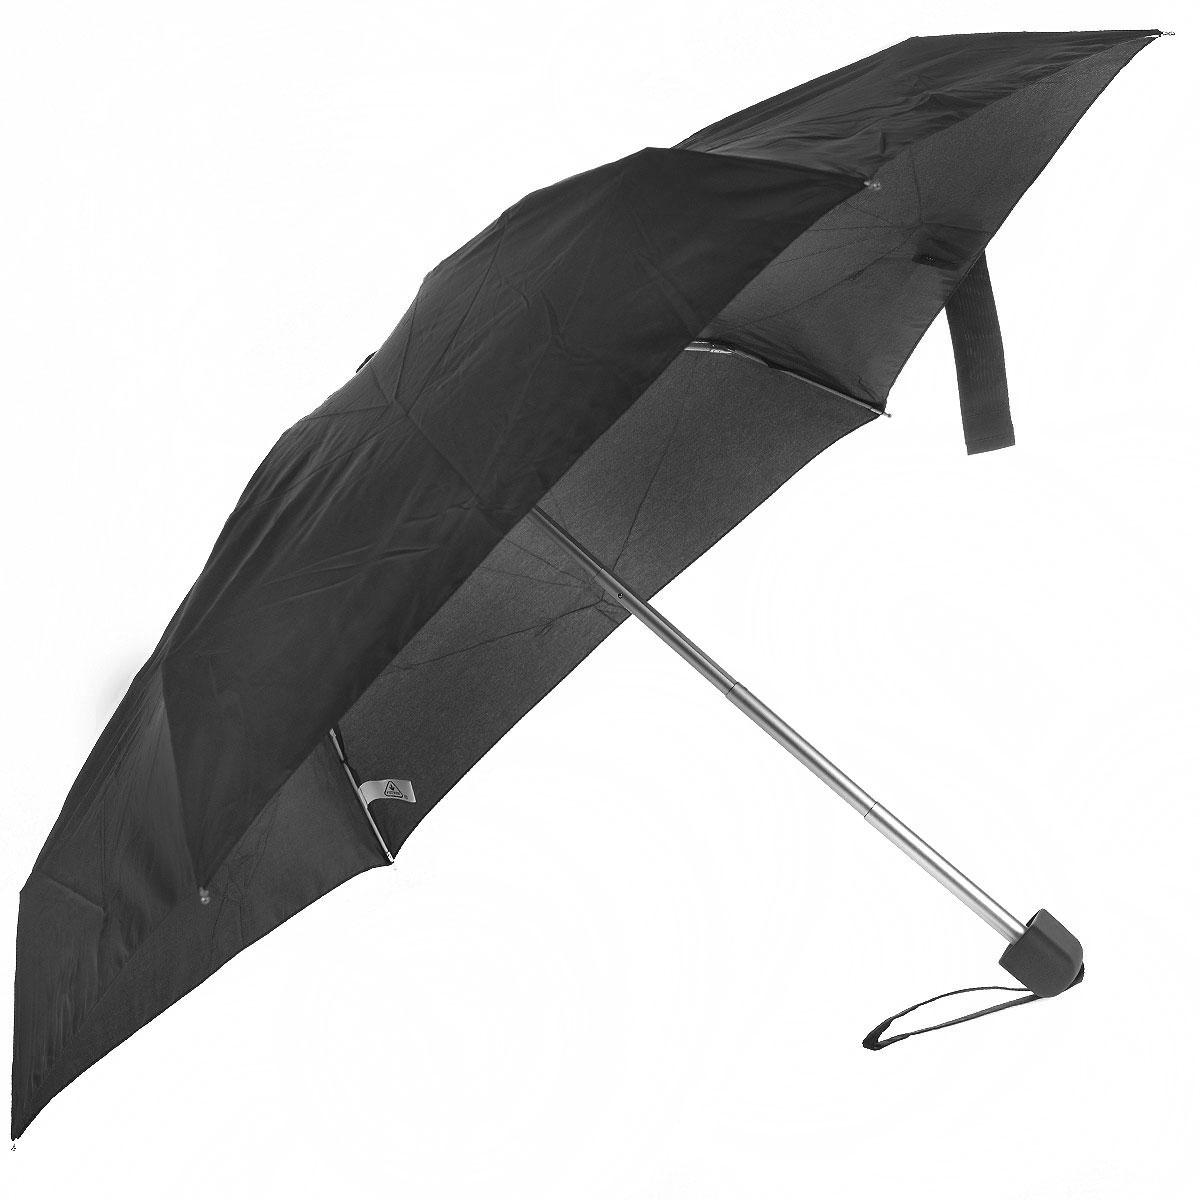 """Зонт женский Fulton, механический, 5 сложений, цвет: черныйL500 3F001Стильный сверхкомпактный зонт """"Fulton"""" защитит от непогоды, а его компактный размер позволит вам всегда носить его с собой. """"Ветростойкий"""" плоский алюминиевый каркас зонта в 5 сложений состоит из шести спиц с элементами из фибергласса, зонт оснащен удобной рукояткой из прорезиненного пластика. Купол зонта выполнен из прочного полиэстера черного цвета. На рукоятке для удобства есть небольшой шнурок, позволяющий надеть зонт на руку тогда, когда это будет необходимо. К зонту прилагается чехол. Зонт механического сложения: купол открывается и закрывается вручную, стержень также складывается вручную до характерного щелчка."""